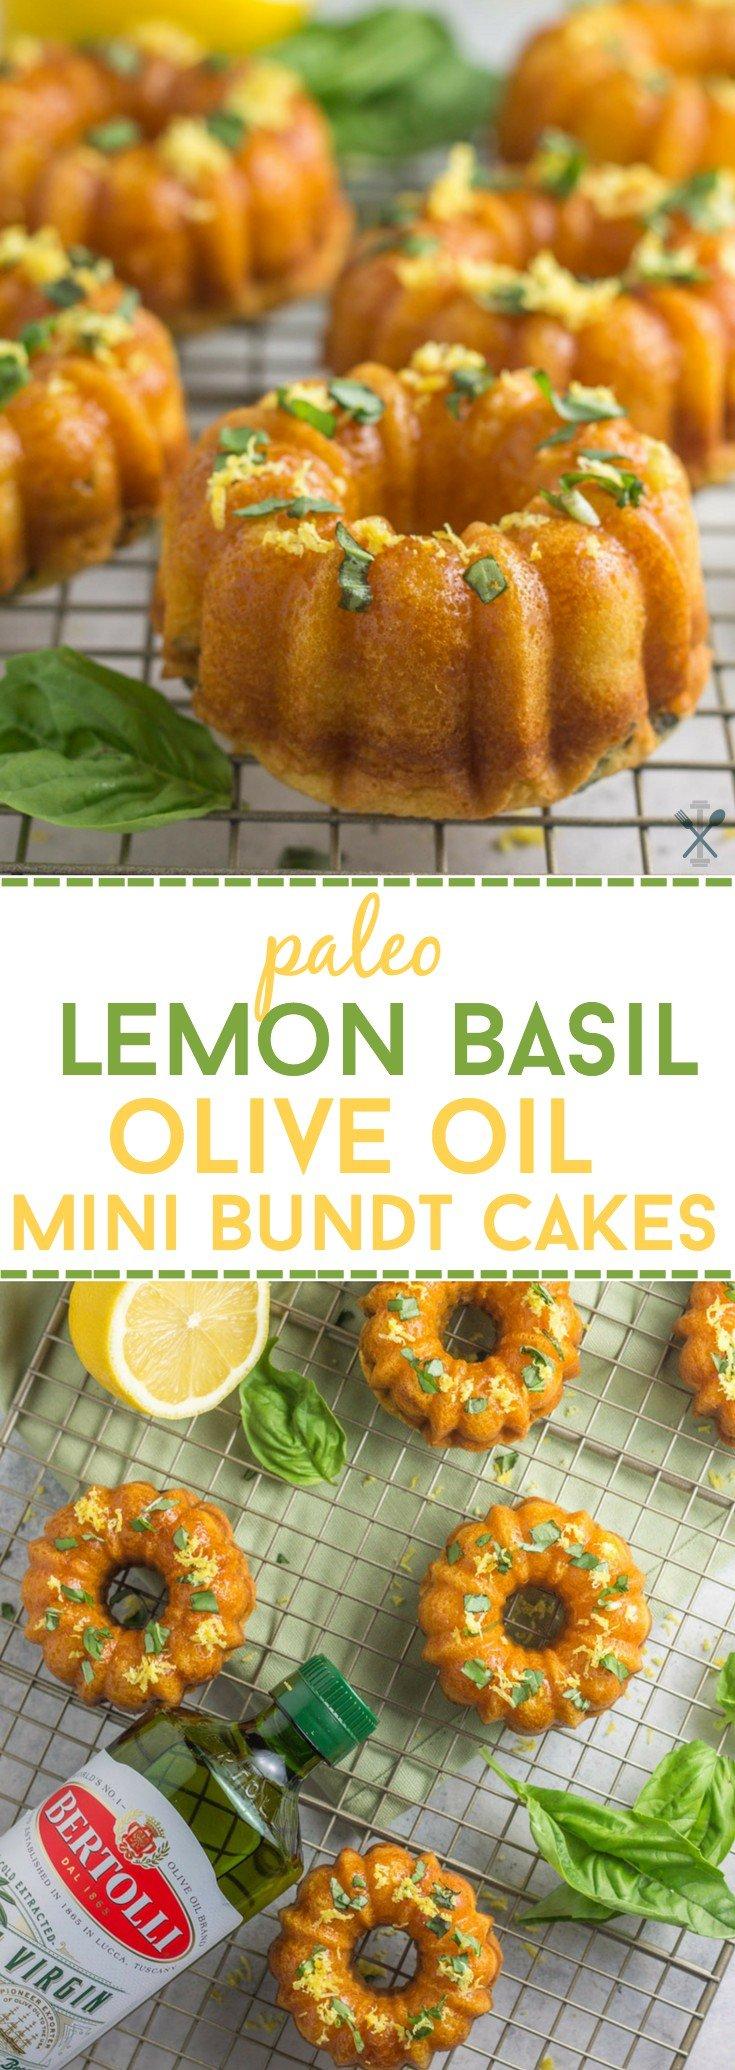 Lemon Basil Bundt Cake